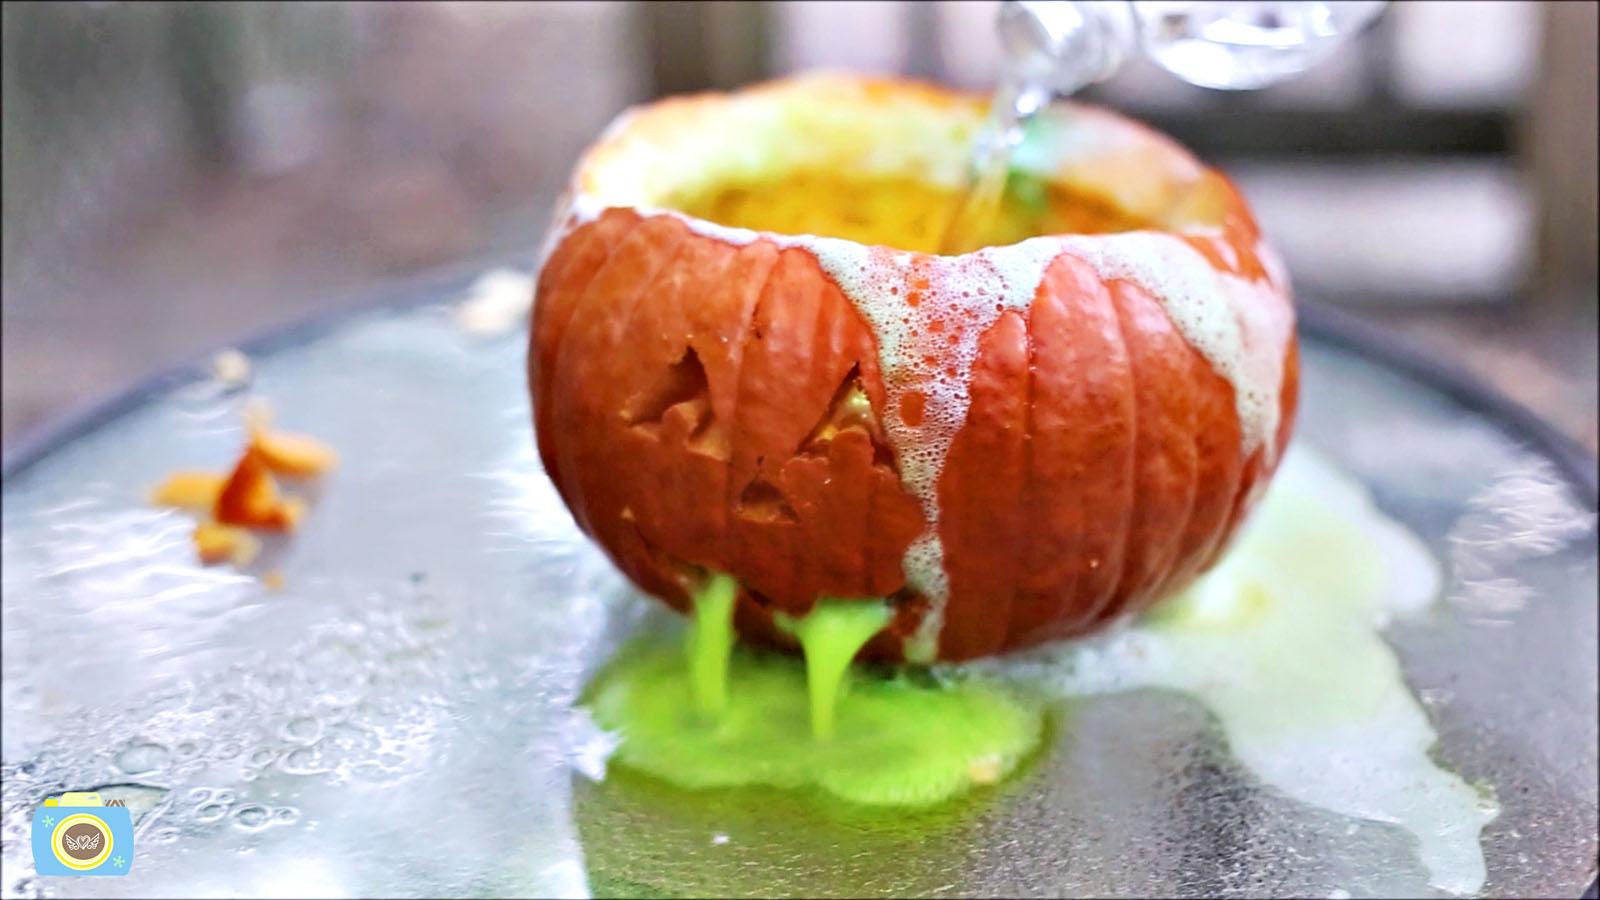 Puking Pumpkin Volcano Experiment!